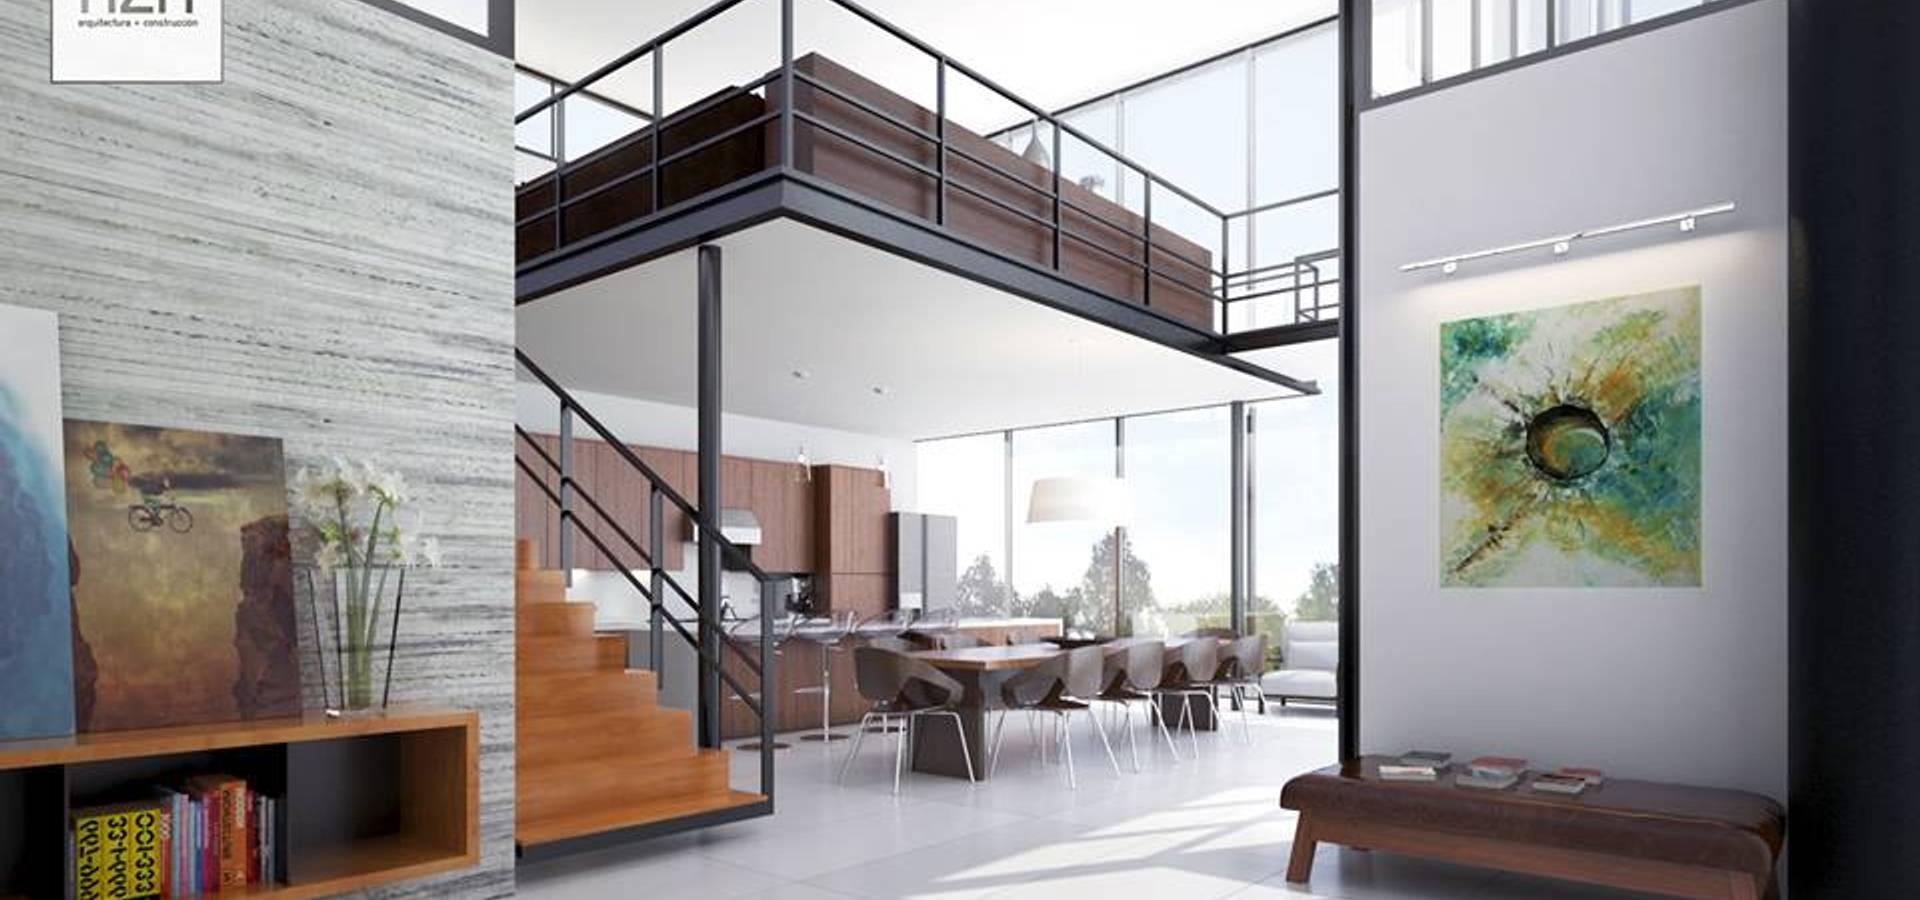 Dise o interior y rea social de hzh arquitectura dise o homify - Arquitectura y diseno ...